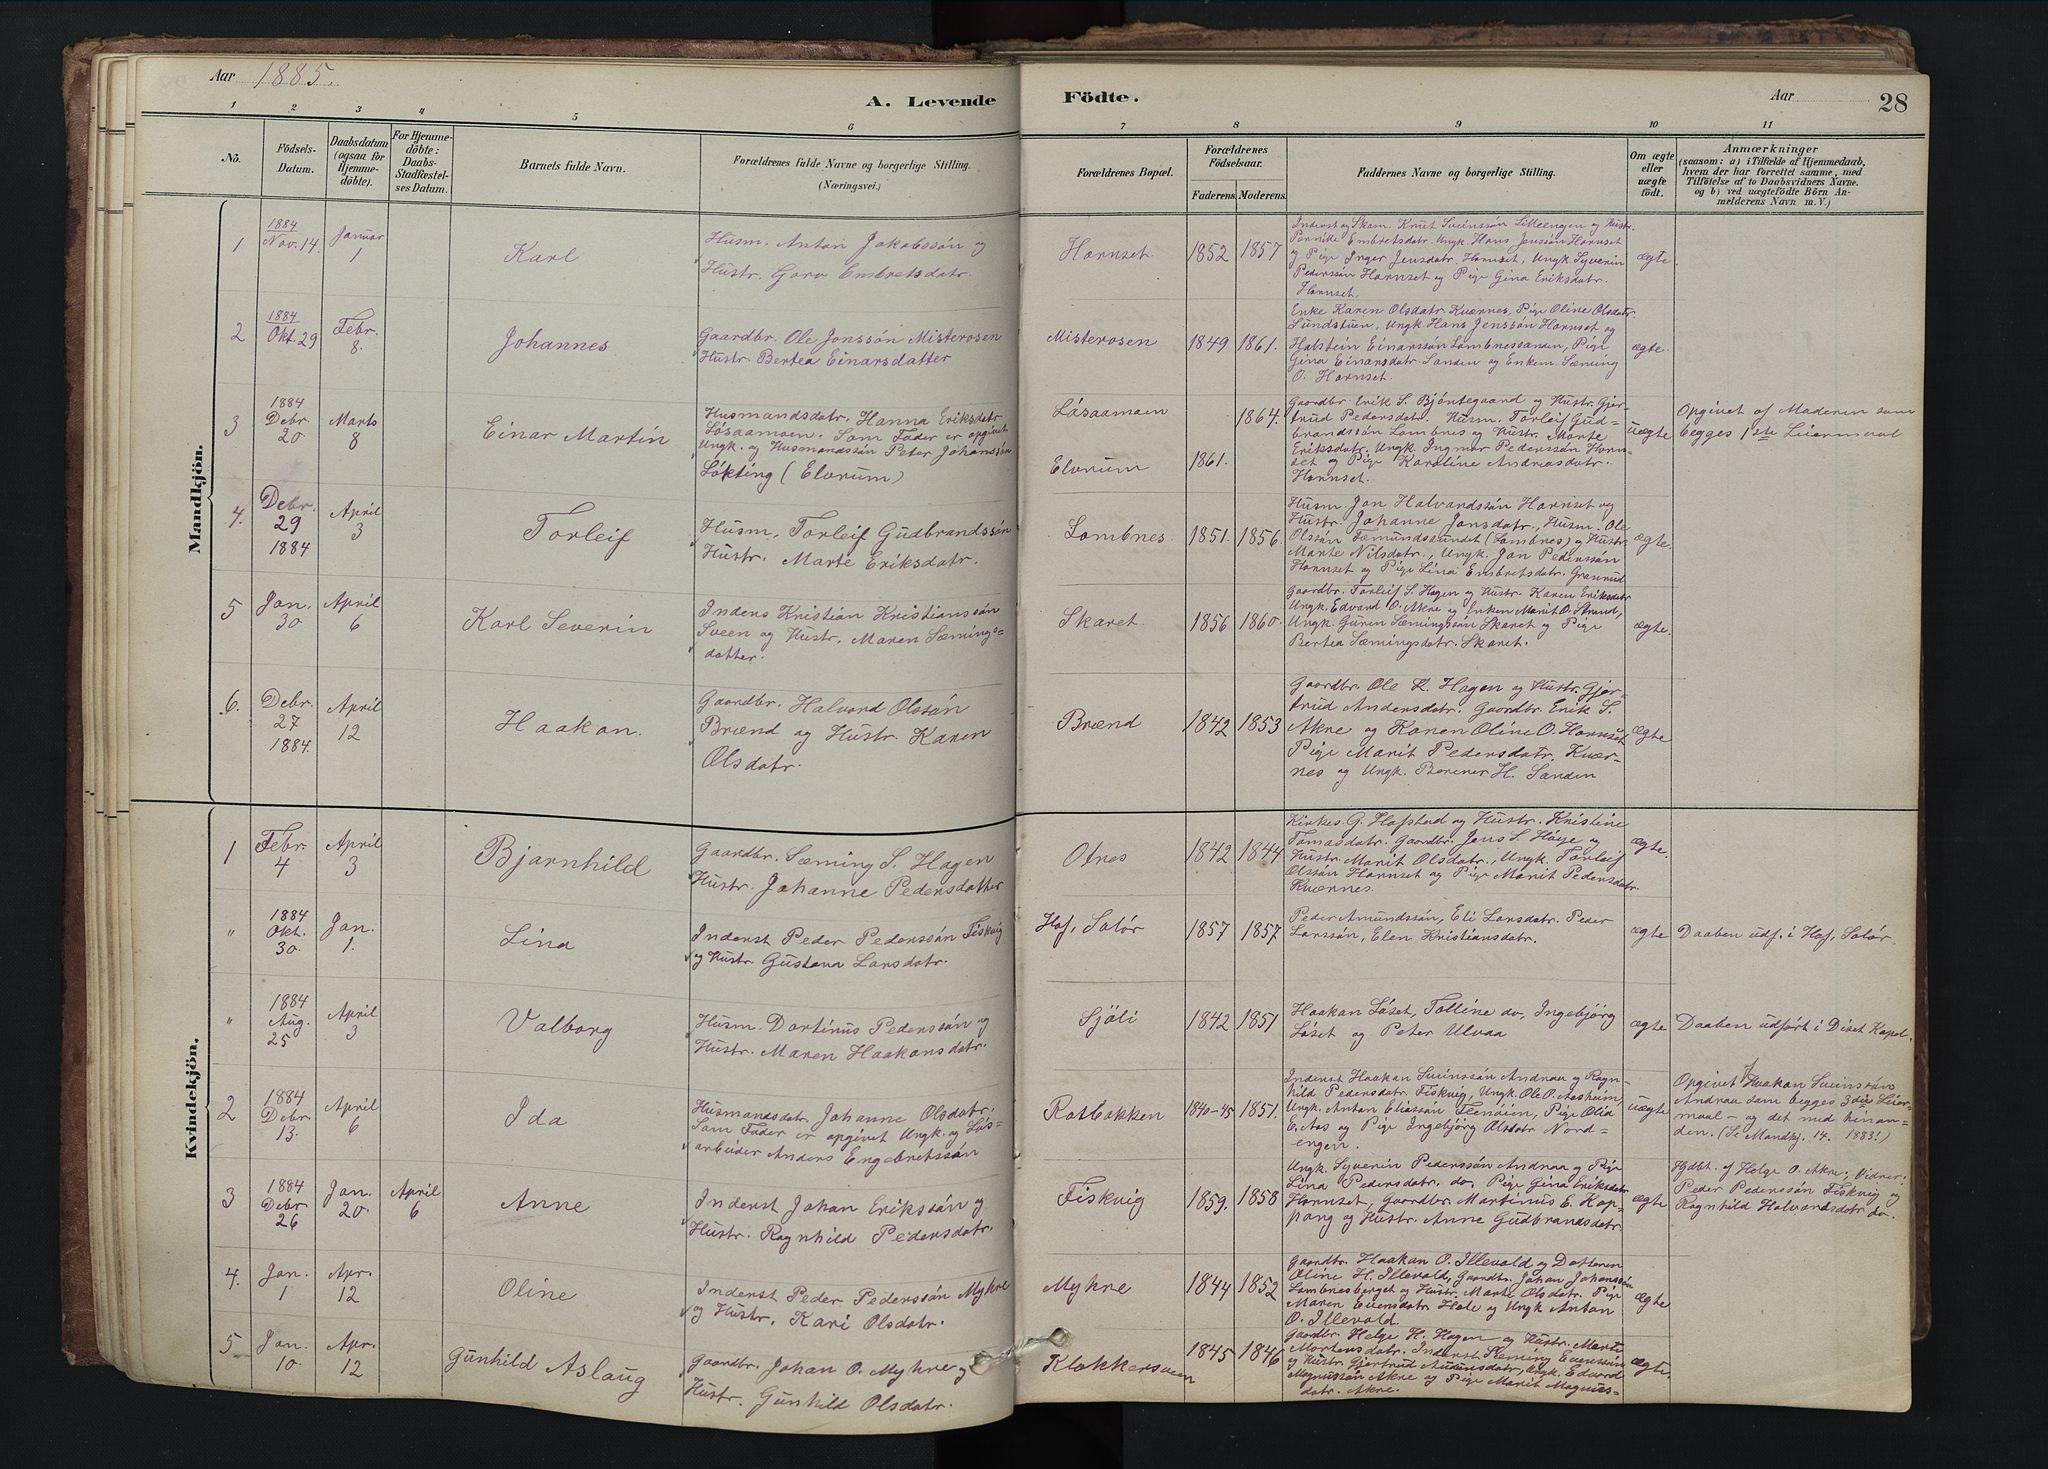 SAH, Rendalen prestekontor, H/Ha/Hab/L0009: Klokkerbok nr. 9, 1879-1902, s. 28